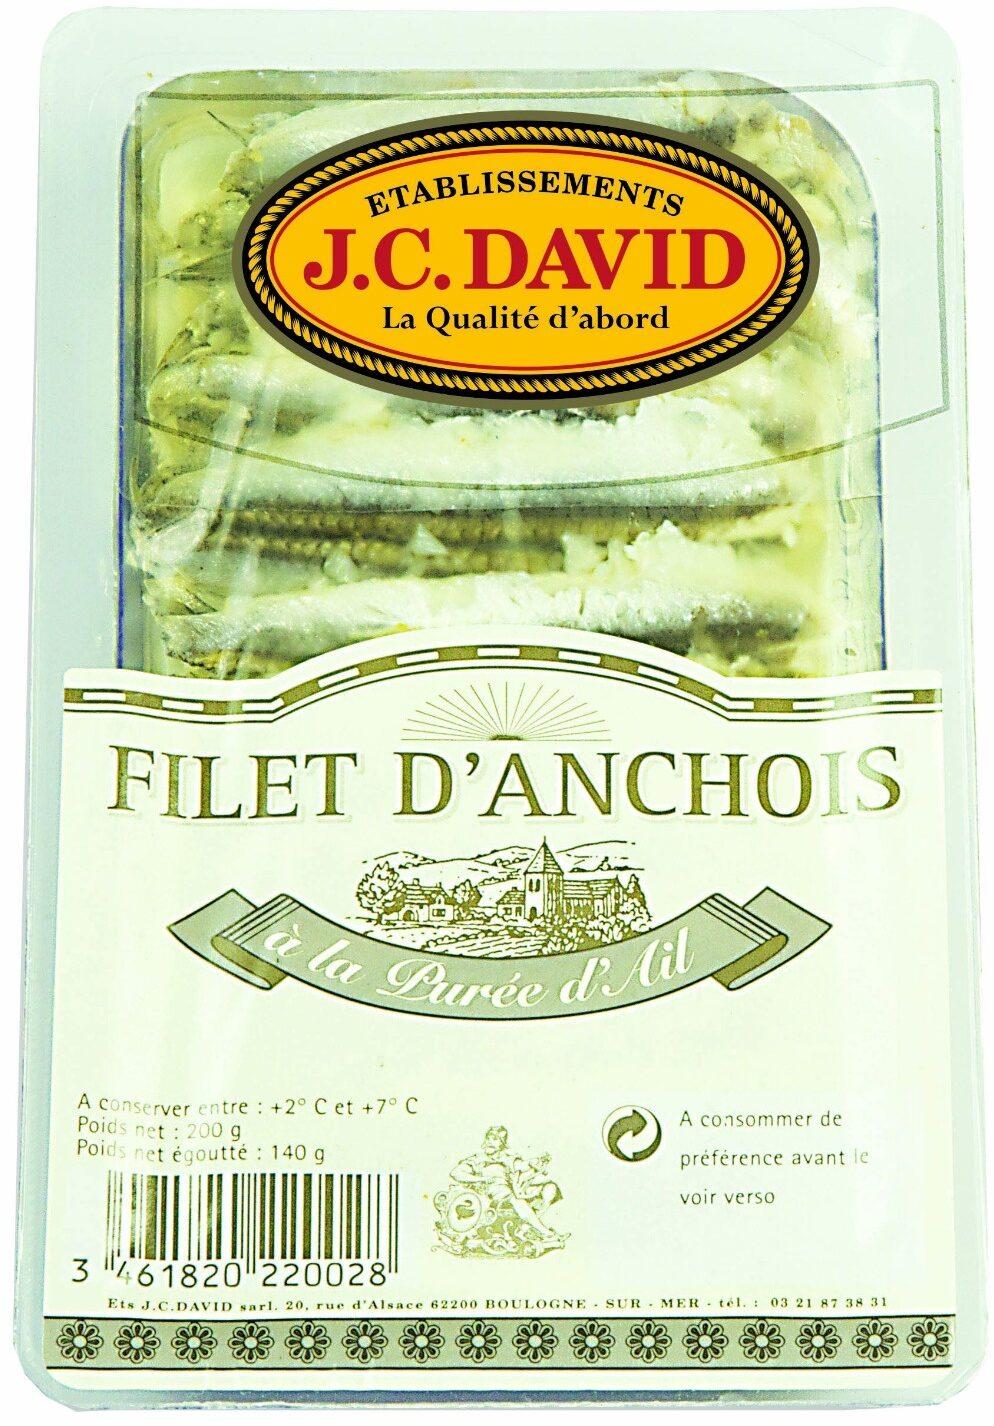 Filet d'anchois à la purée d'ail - Product - fr